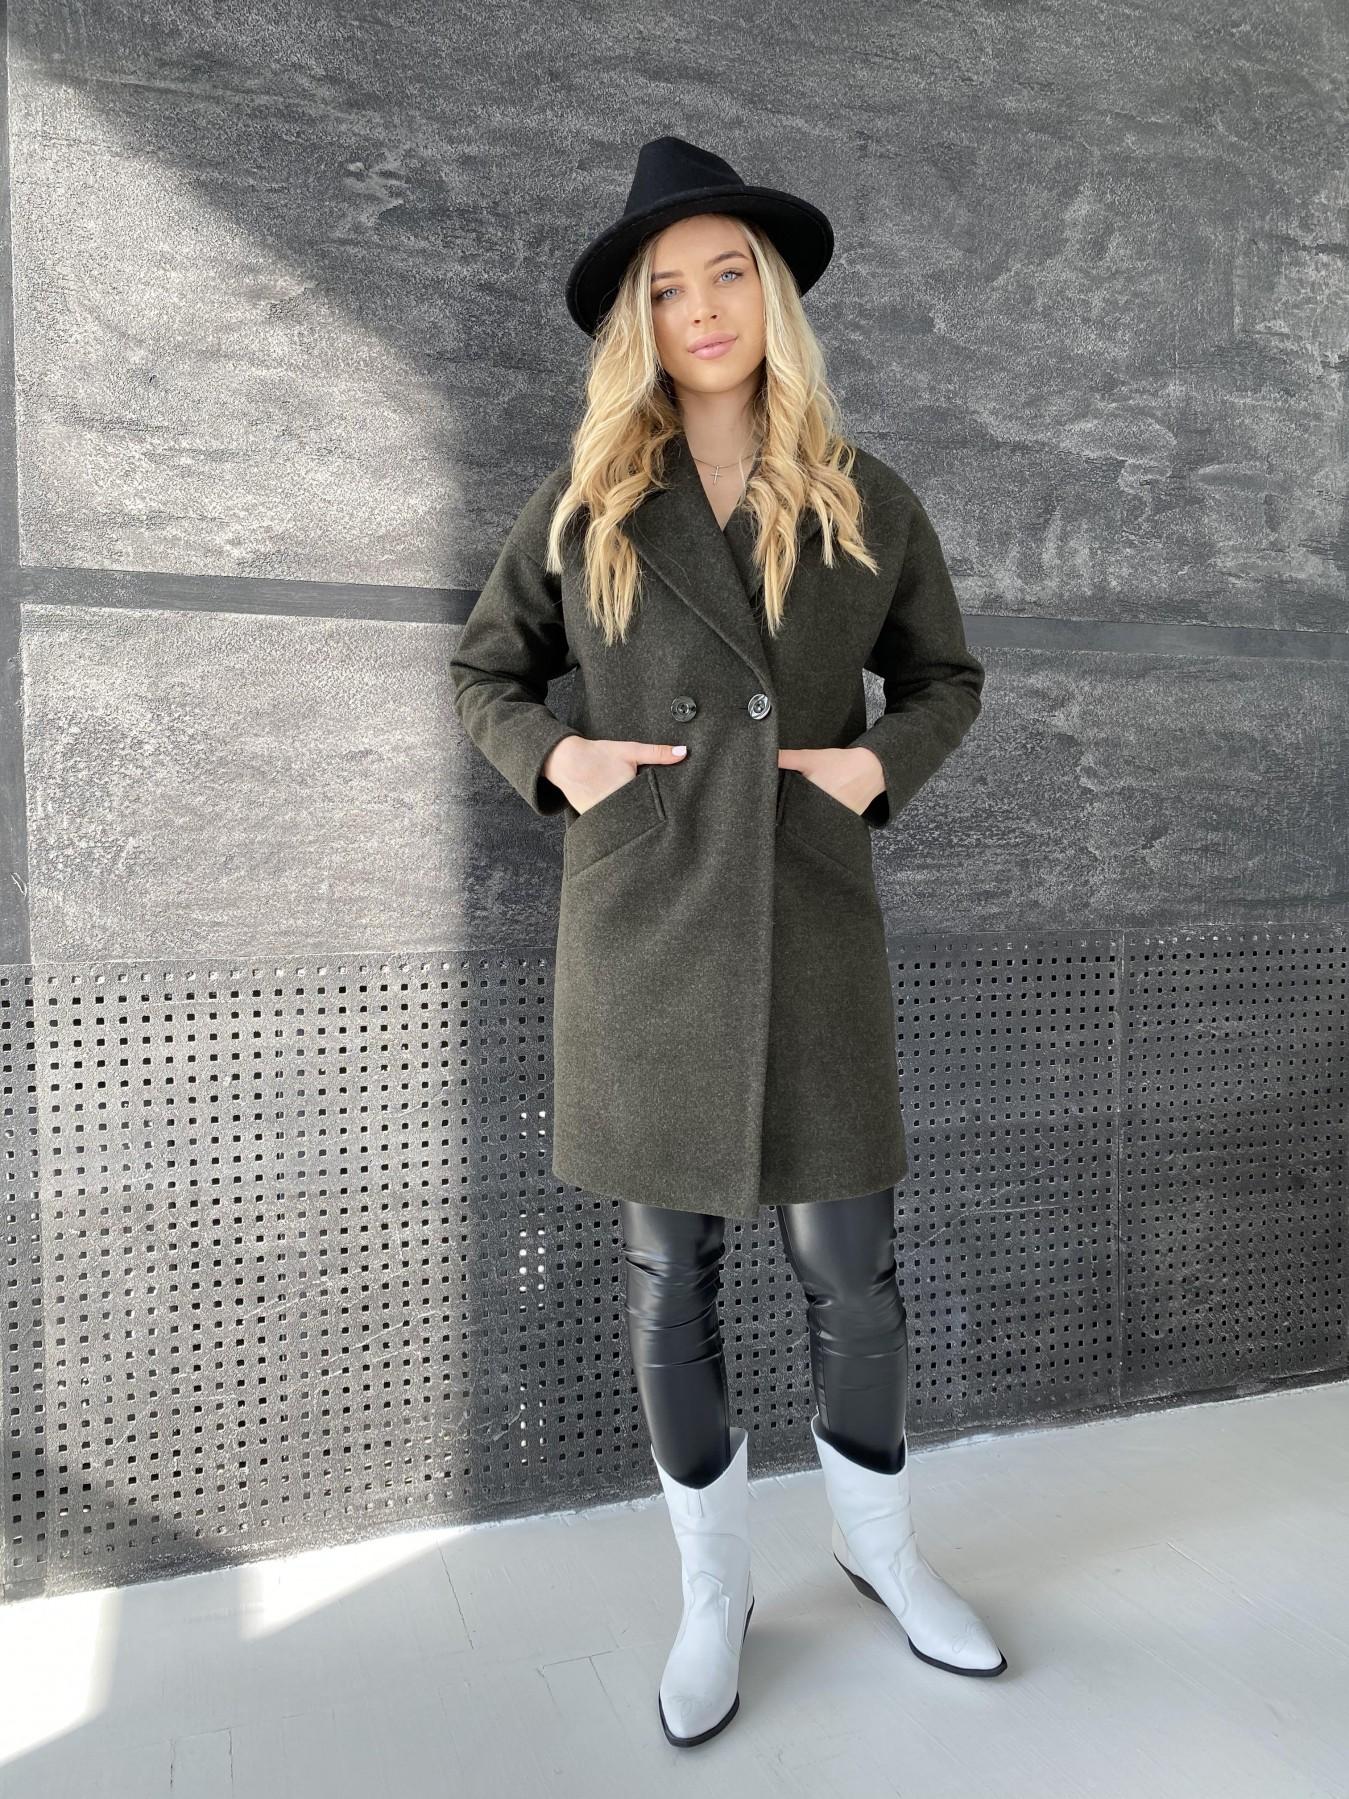 Сенсей пальто из кашемира меланж  10745 АРТ. 47231 Цвет: Хаки - фото 2, интернет магазин tm-modus.ru